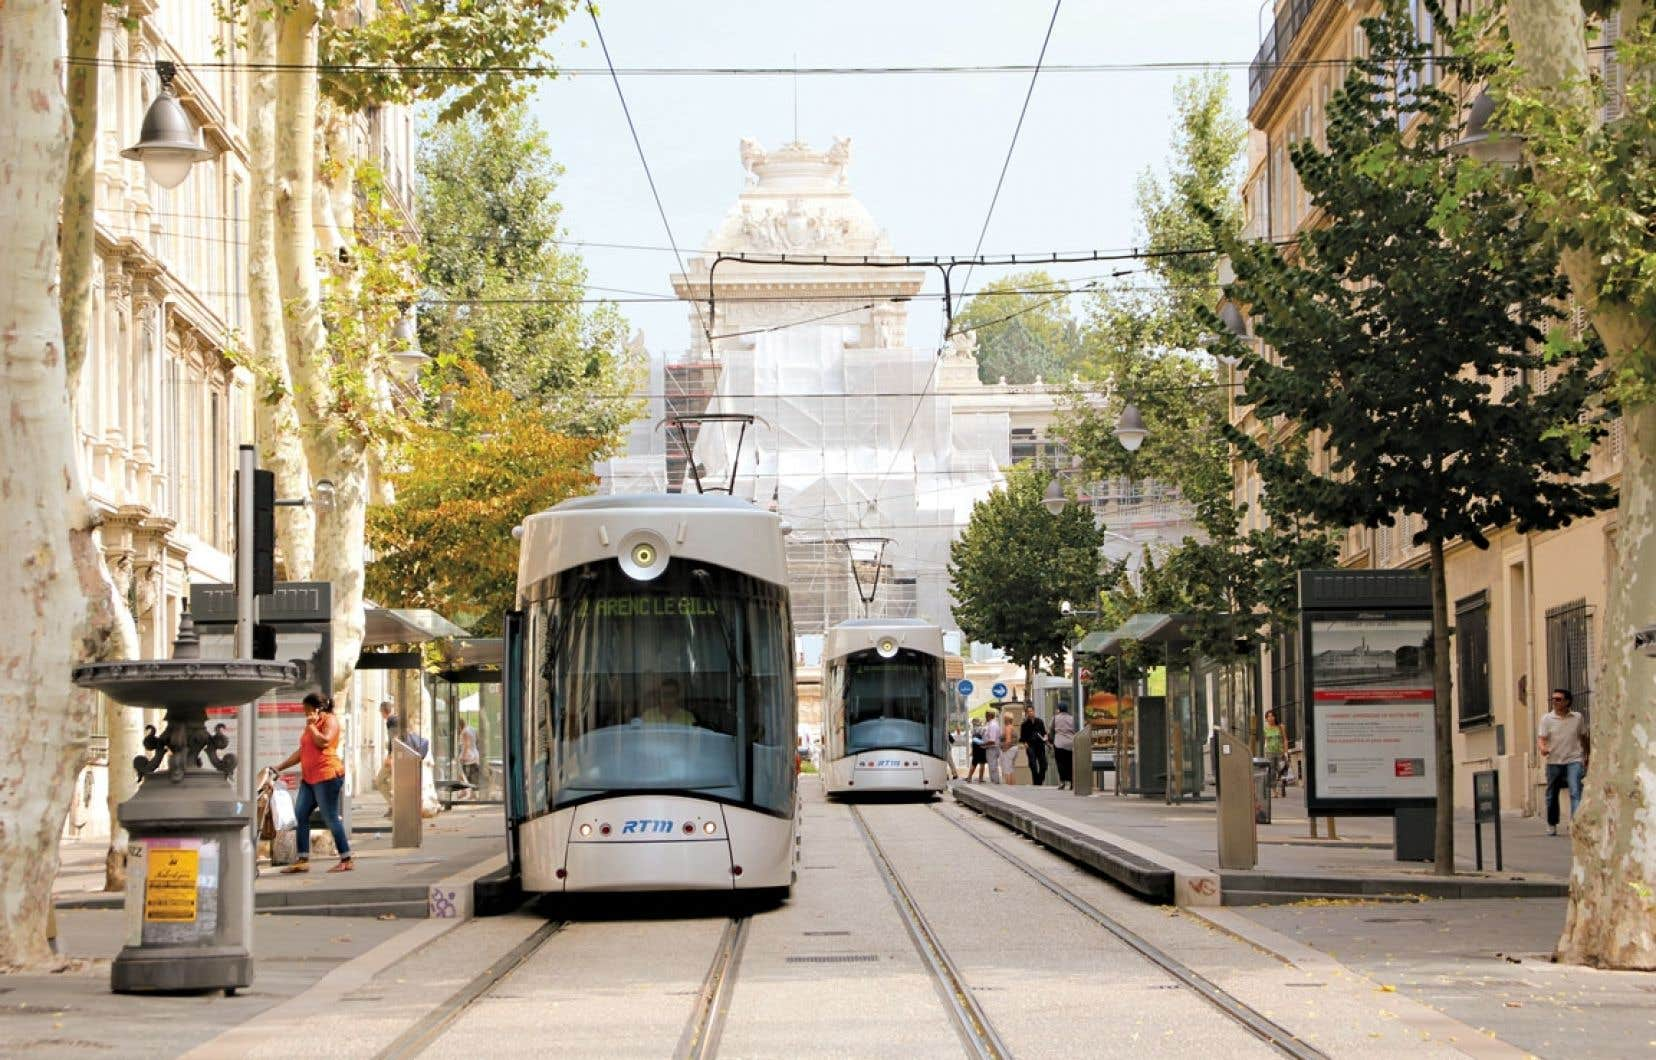 La modernisation du réseau de transports urbains : un important volet de la métamorphose de Marseille.